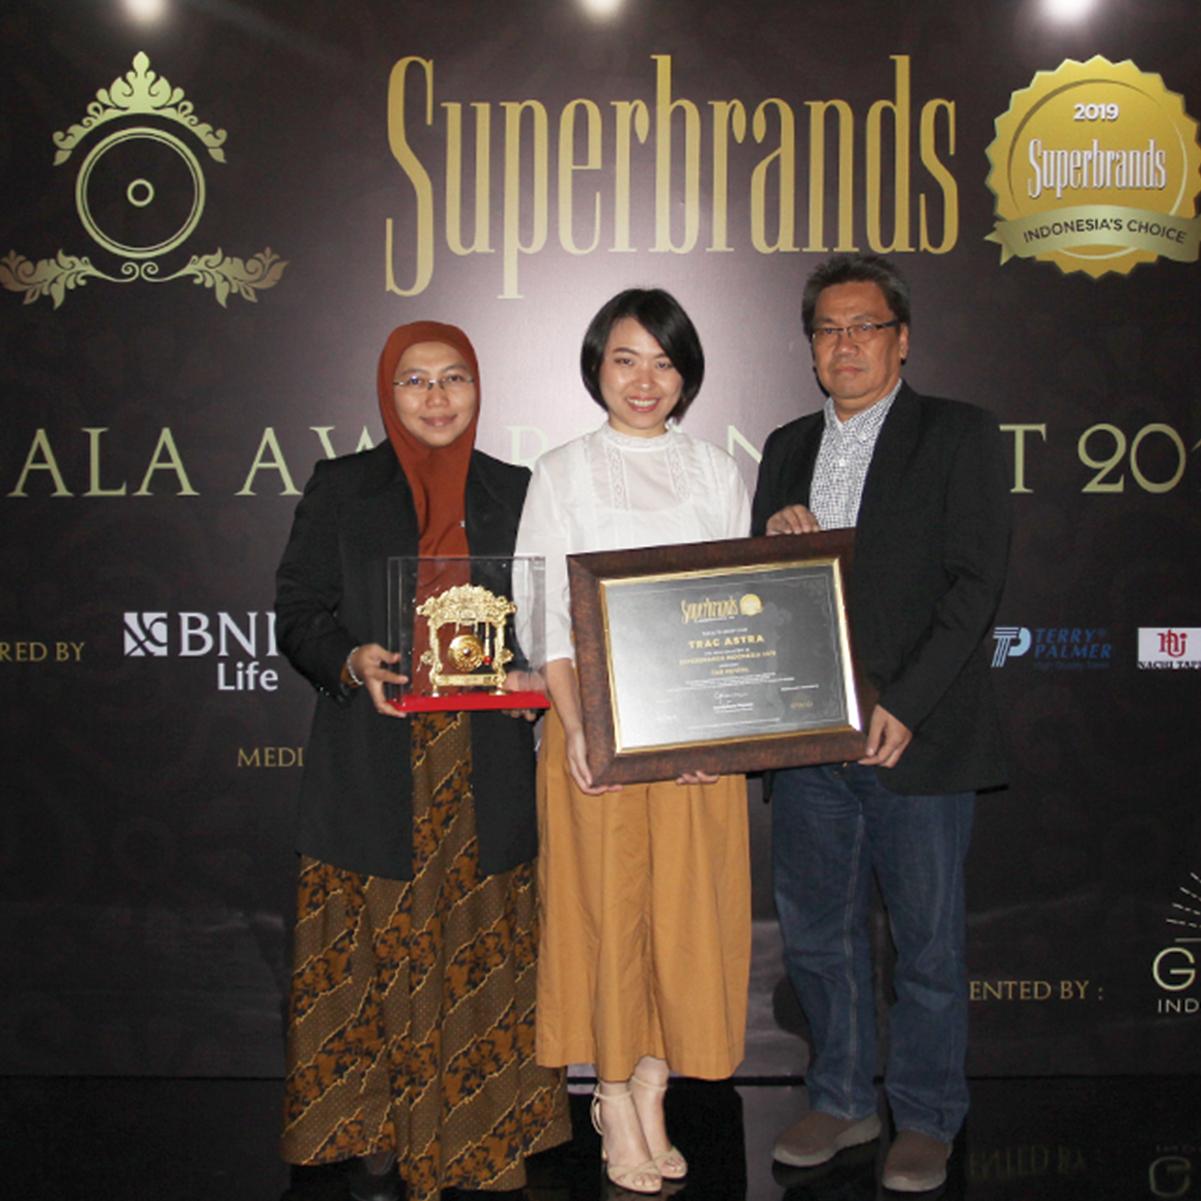 Trac Berhasil Meraih Superbrand Award 2019